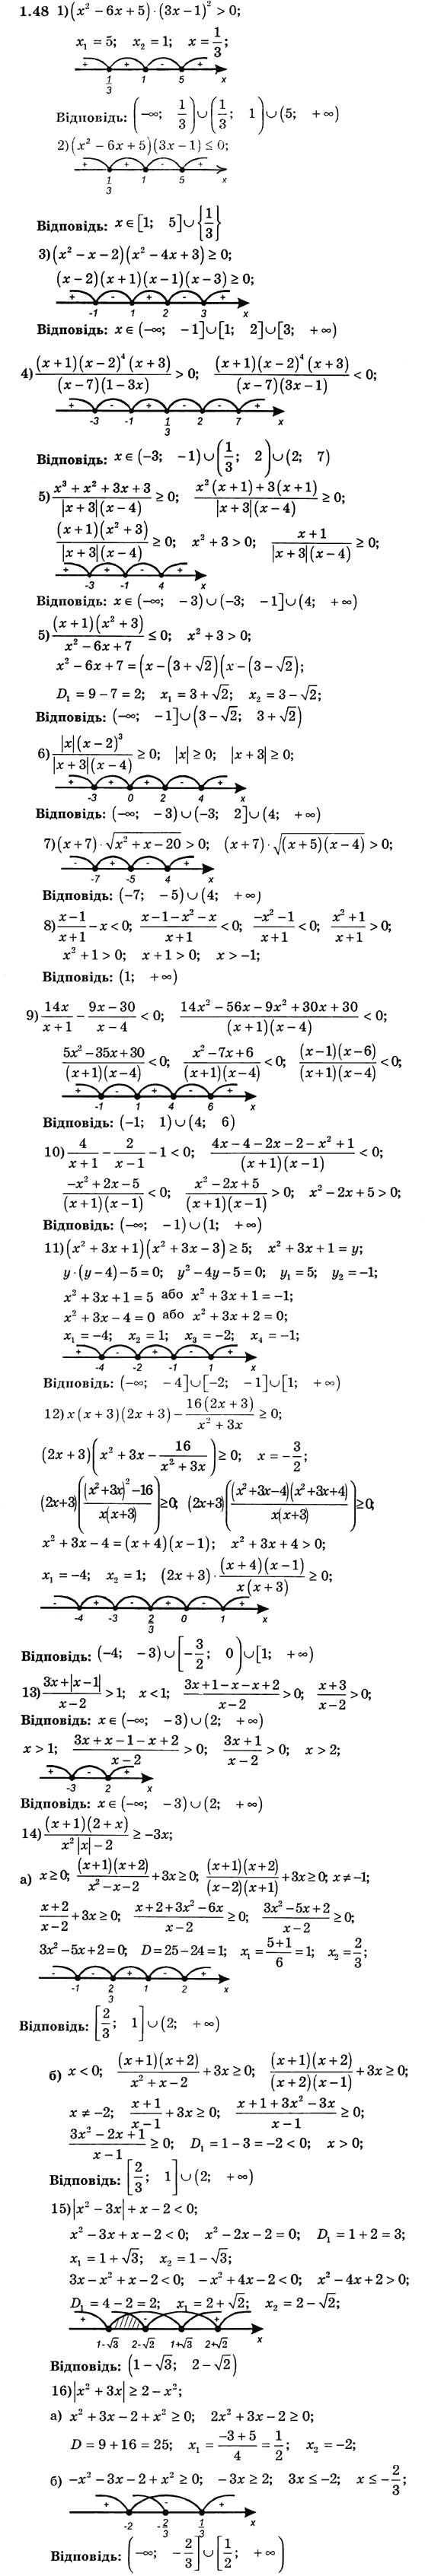 клас номіровський гдз полонський алгебра якір 10 гдз мерзляк